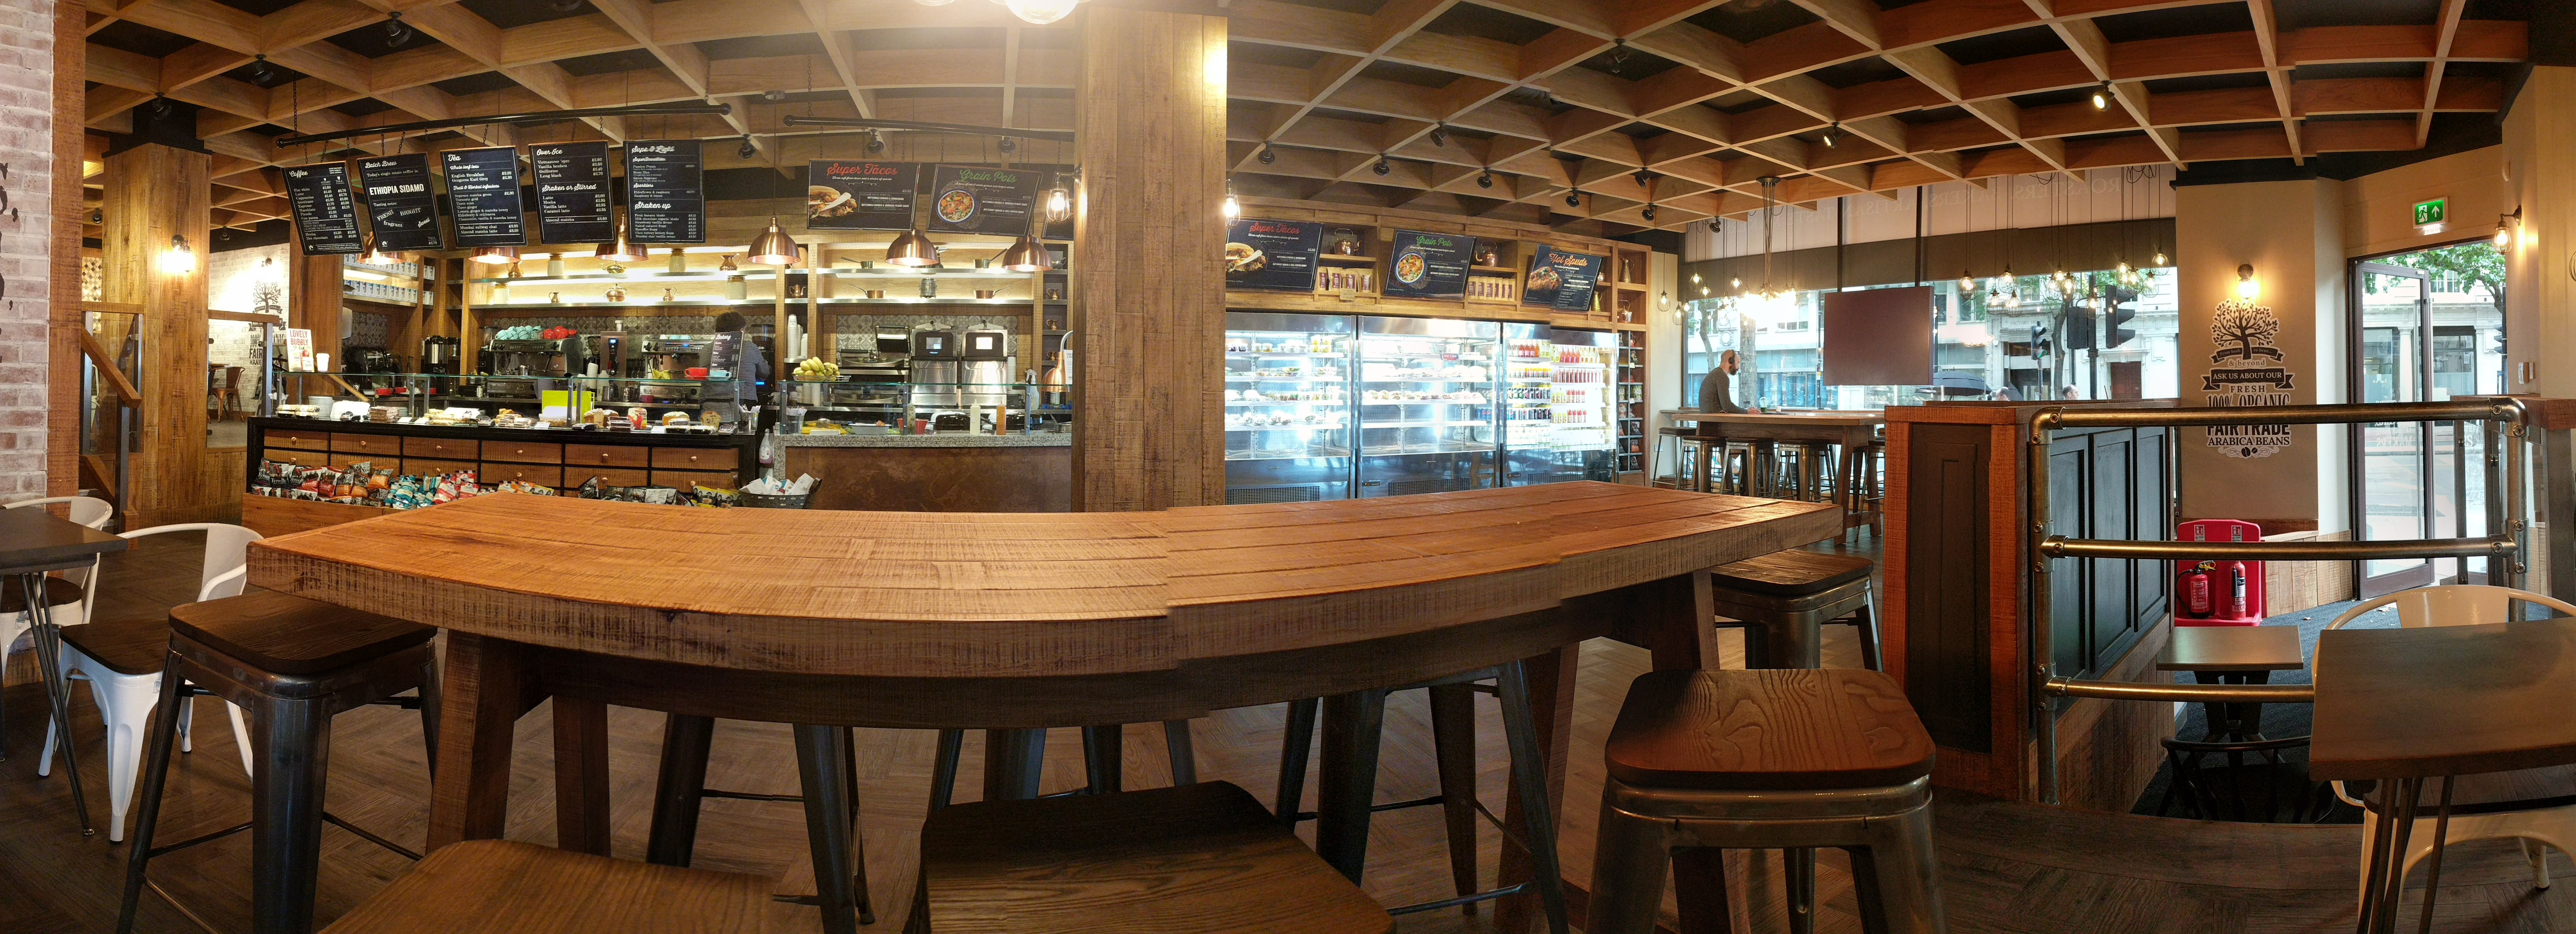 SOHO Coffee Co. in London